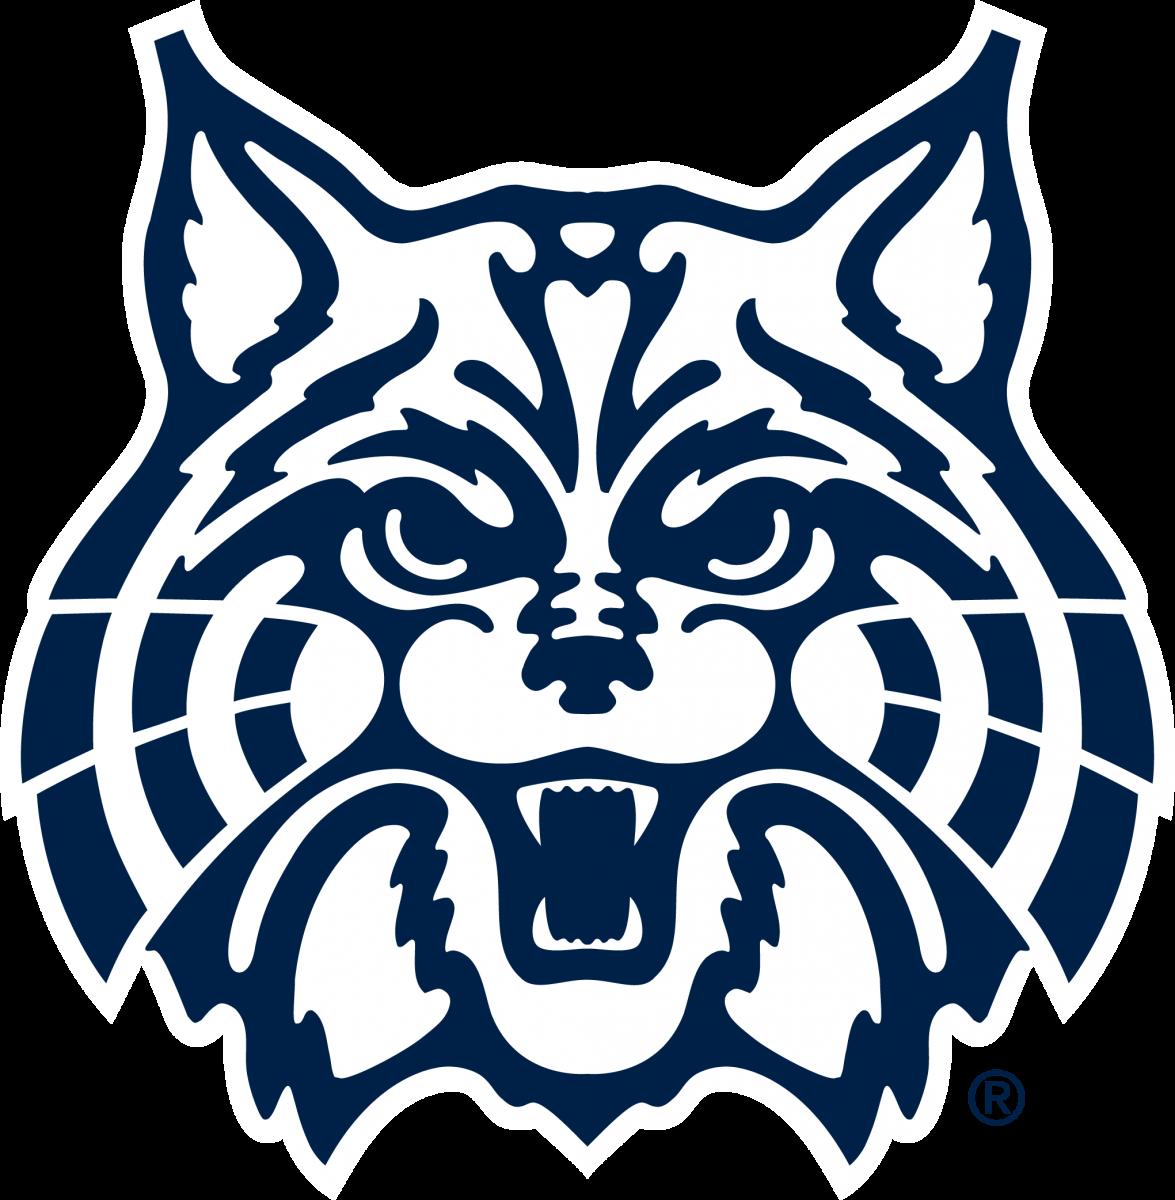 wildcat graphics clipart best Wildcat Football Clip Art Wildcat Art